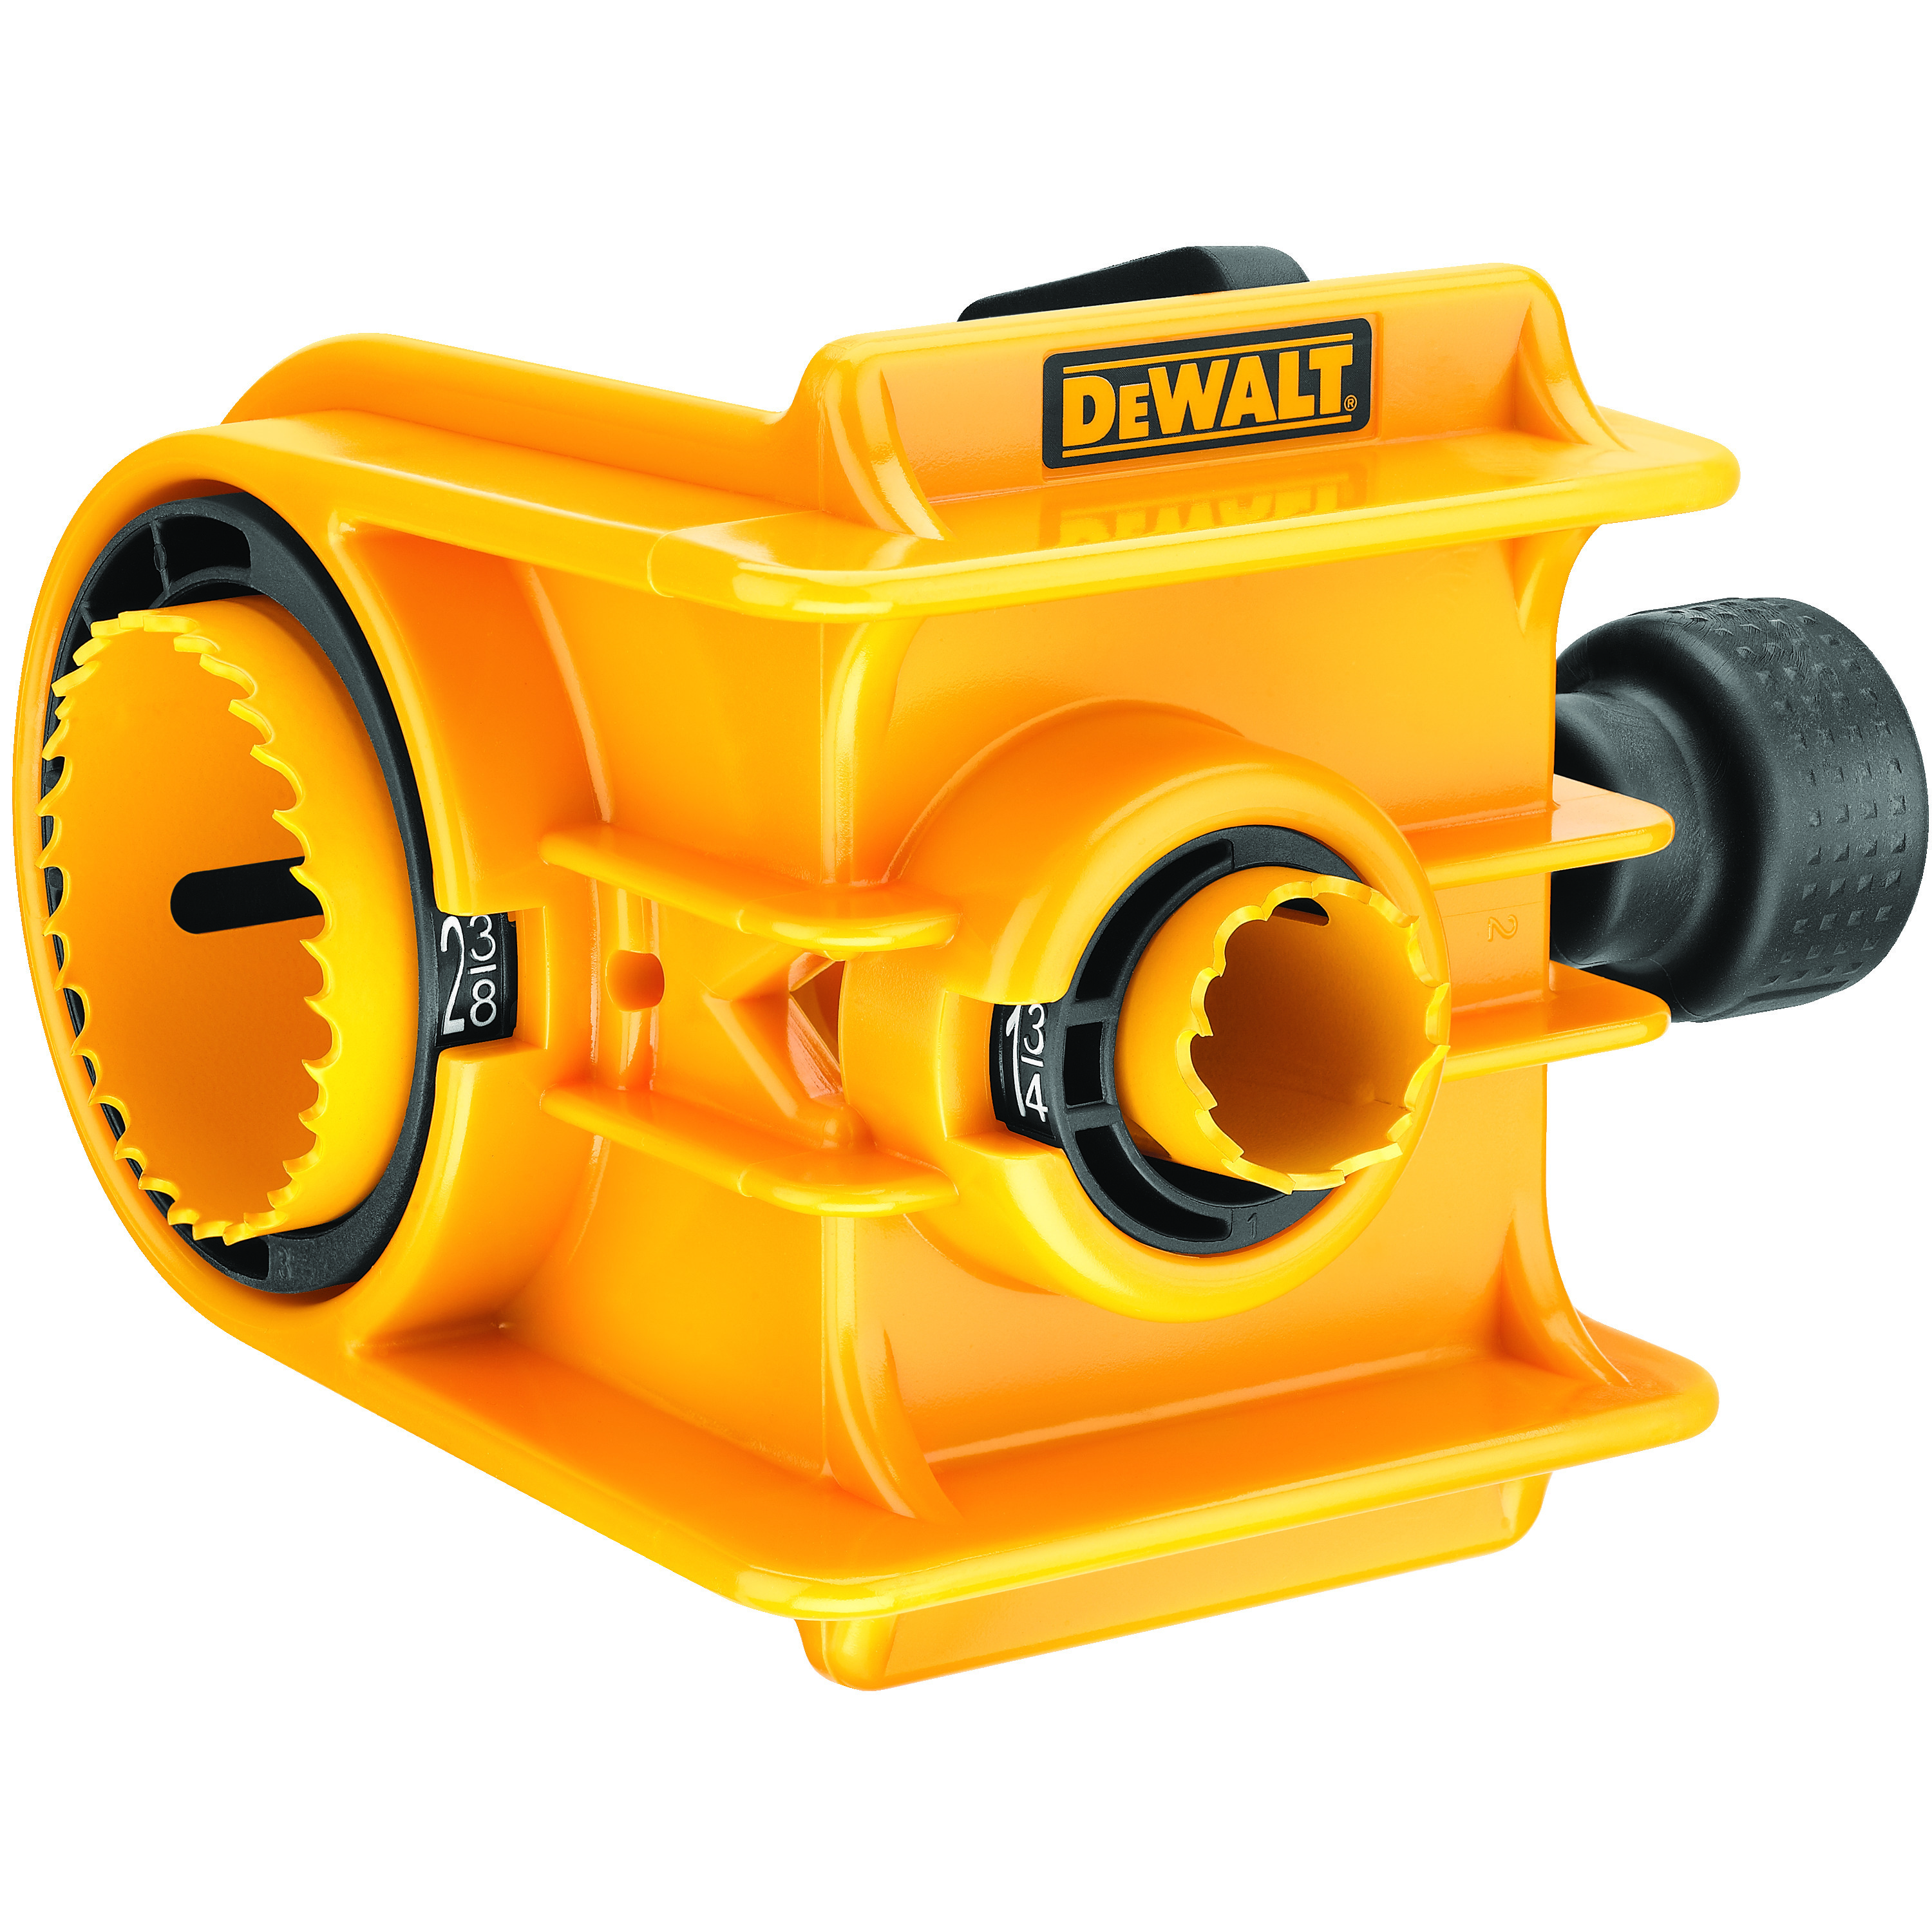 DeWALT® D180004 Door Lock Installation Kit, 6 Pieces, For Use With Standard Sized Doors